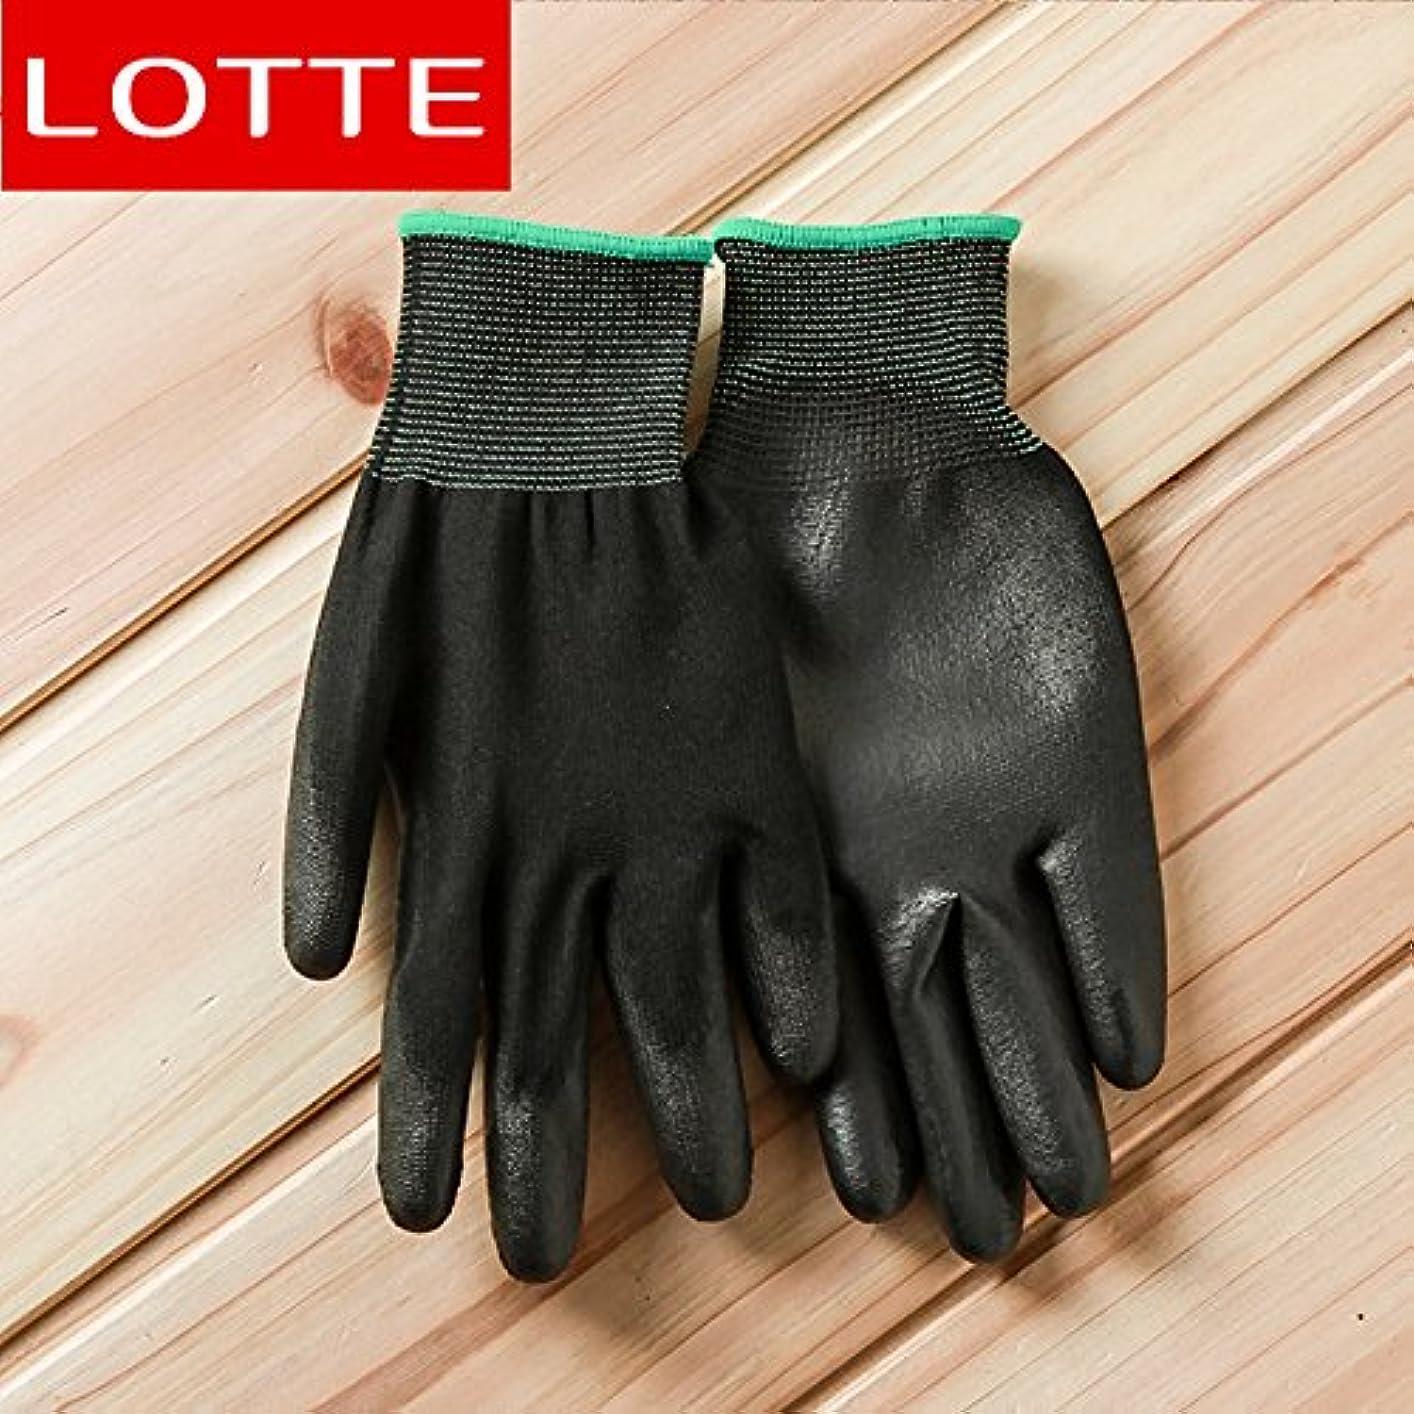 エンジンブランドマーガレットミッチェルVBMDoM ロッテのPUパームコーティング作業手袋(黒/中型) x 5個 [並行輸入品]